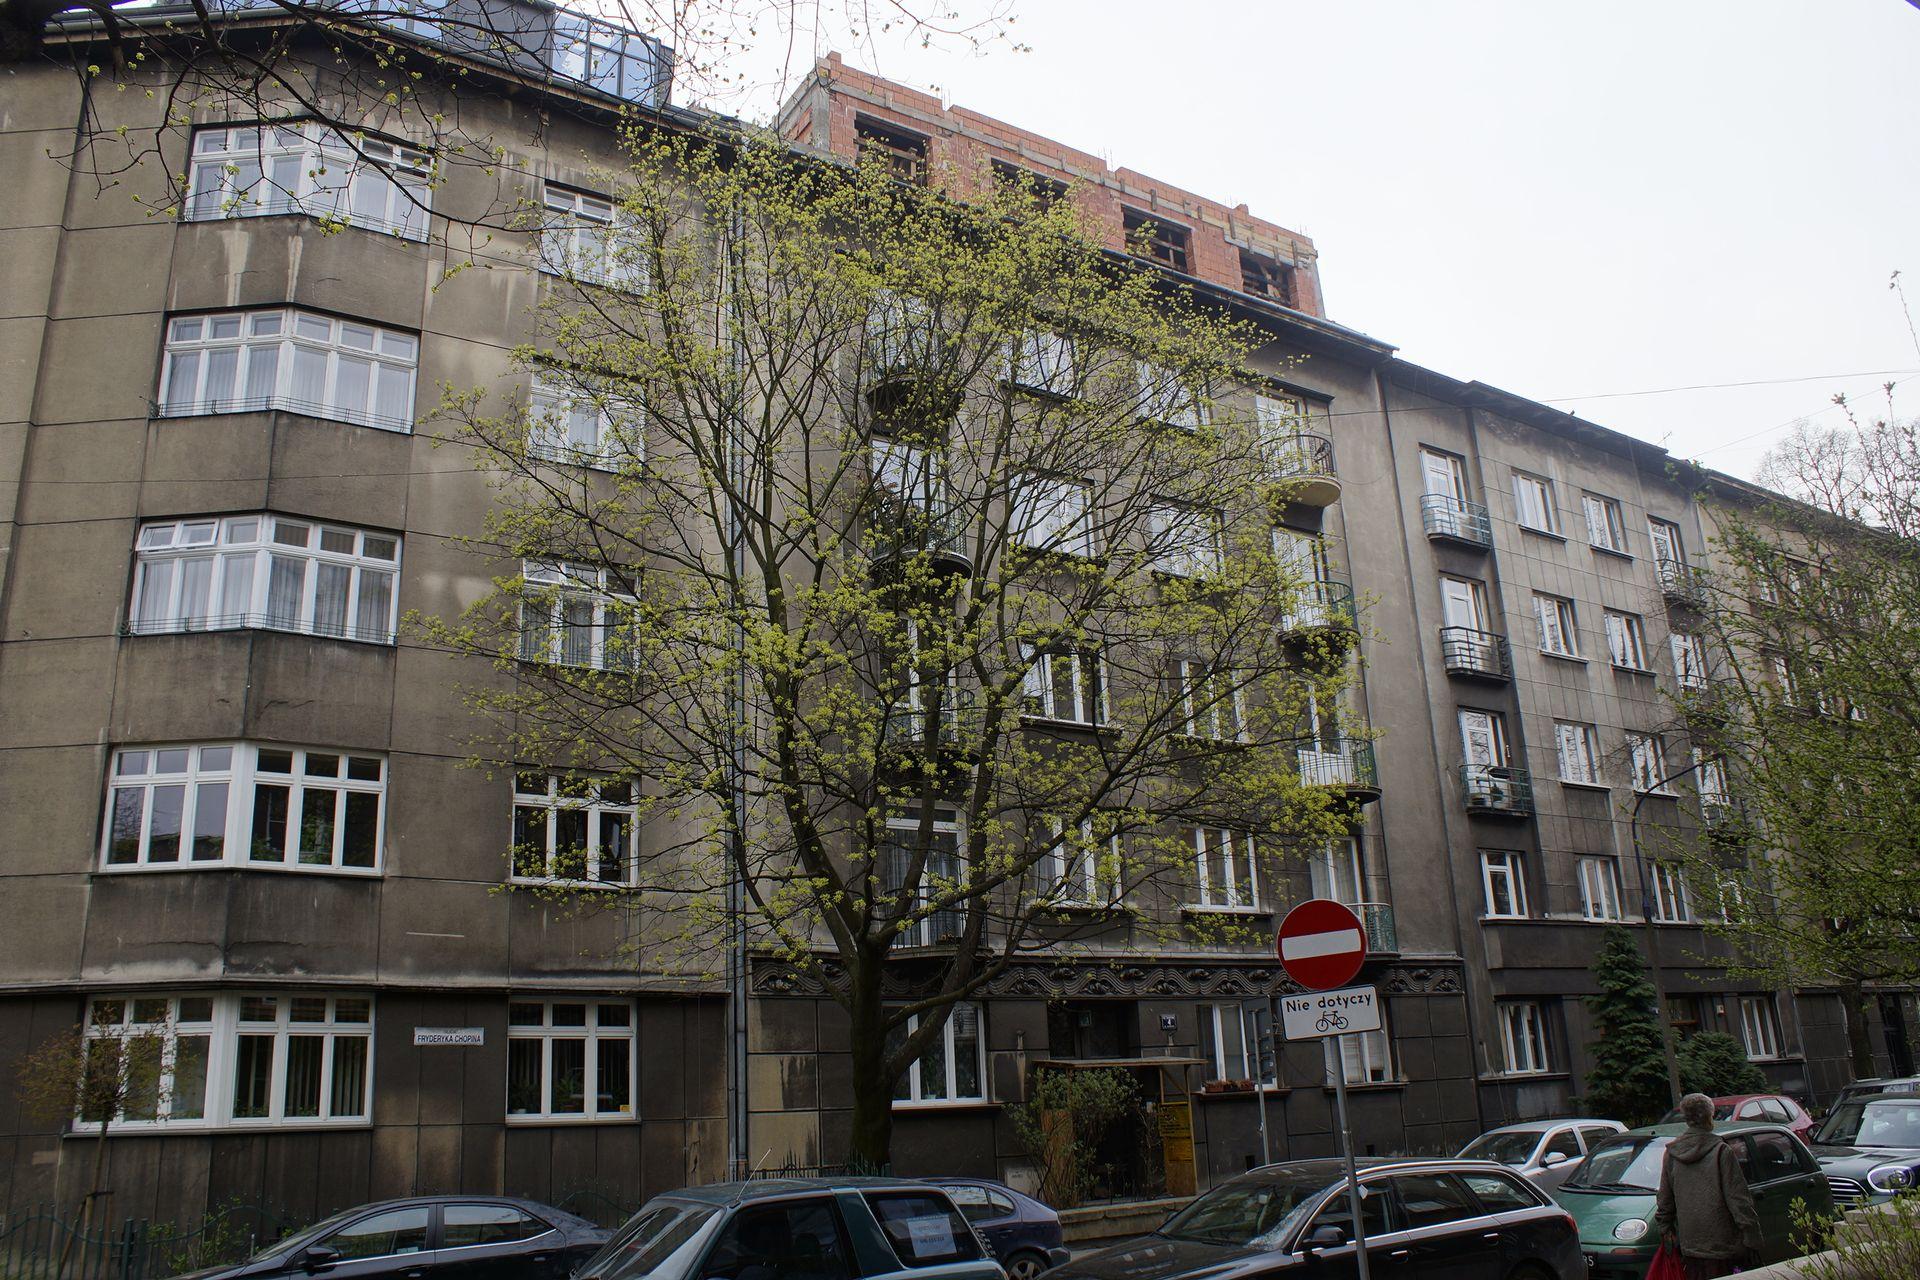 Kraków: Przebudowa zabytkowej kamienicy na Krowodrzy niezgodna z projektem. Jest nakaz wstrzymania prac